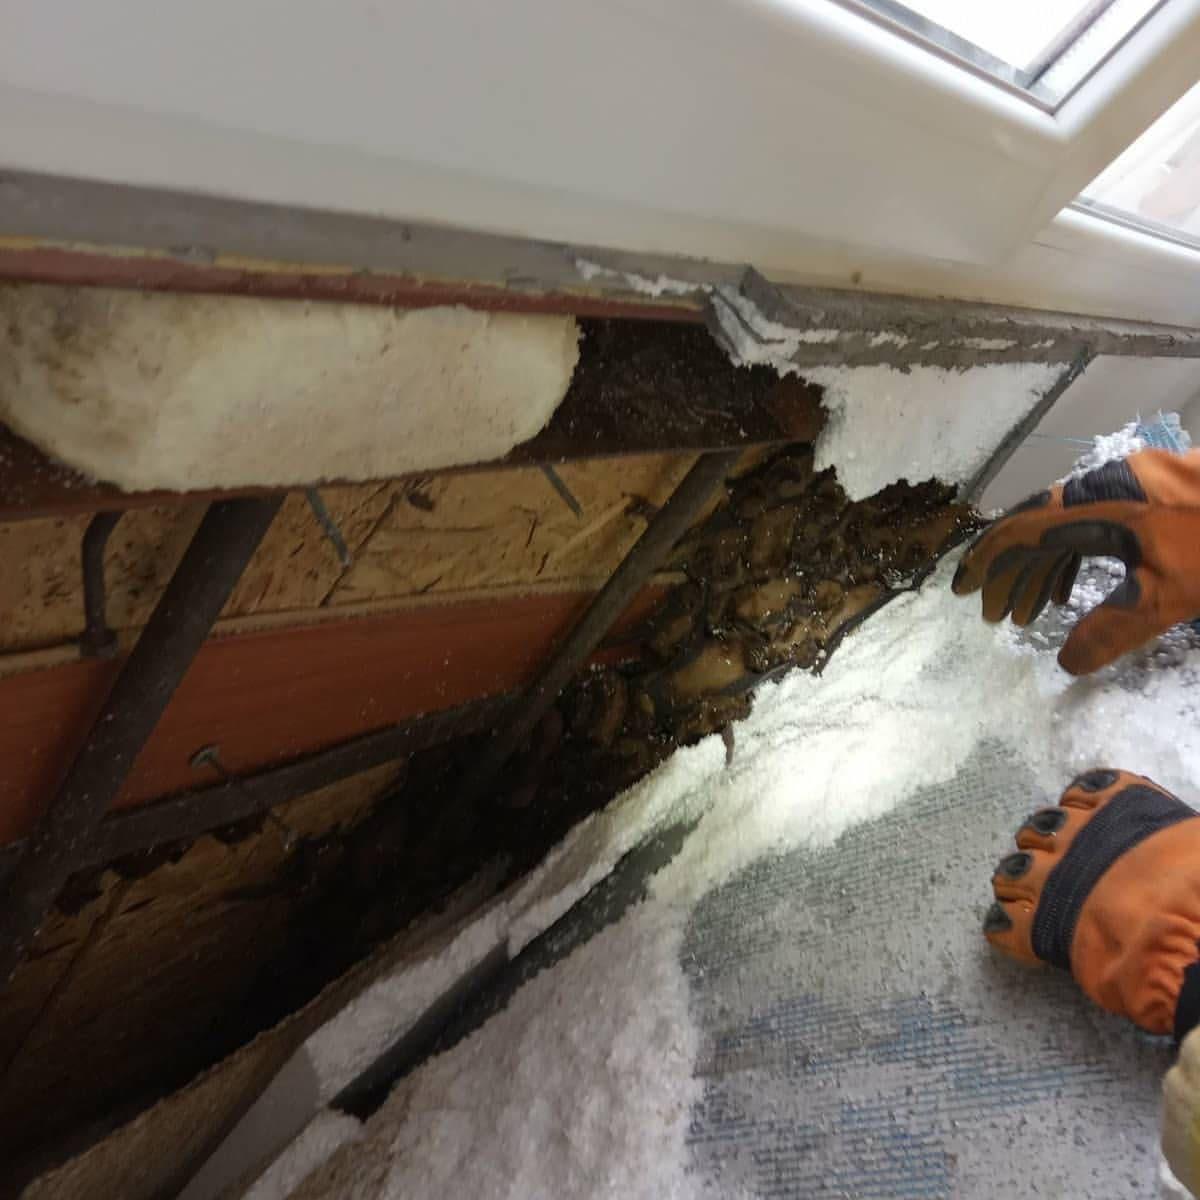 Жуть. На балконе жилого дома в Днепре обнаружили колонию летучих мышей - 500 штук (ФОТО, ВИДЕО) 5